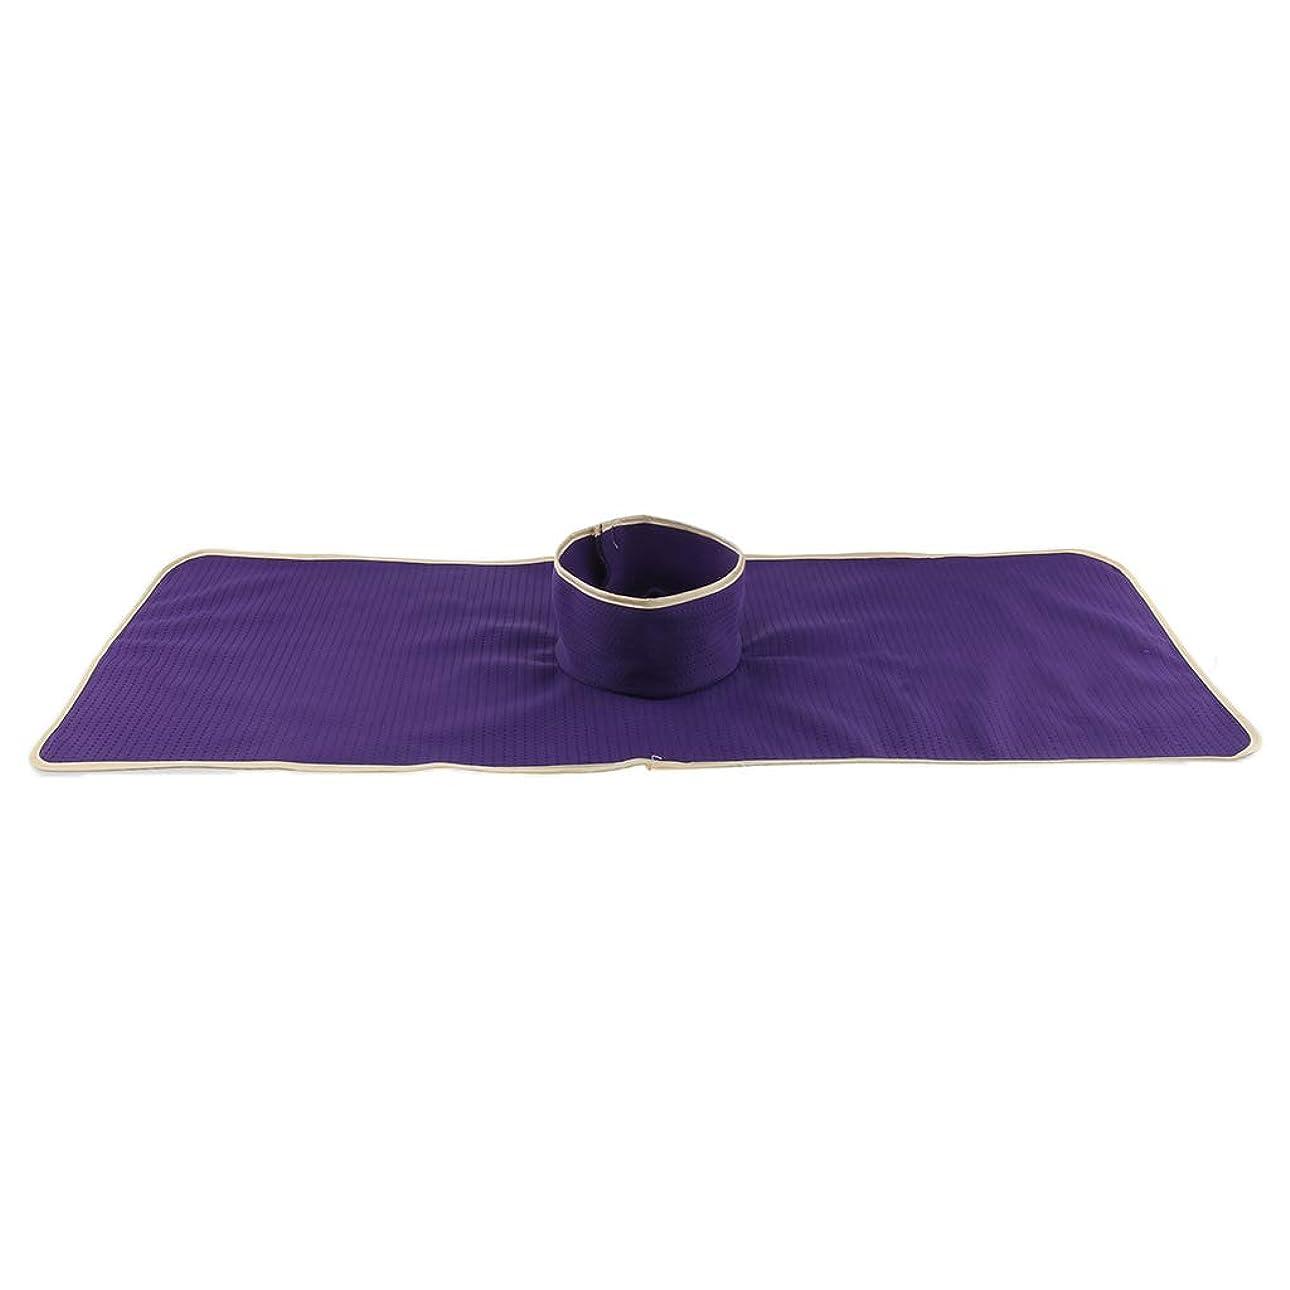 一族話す気になるPerfeclan サロン 美容院 マッサージのベッド パッド 穴付き 洗える 約90×35cm 全3色 - 紫